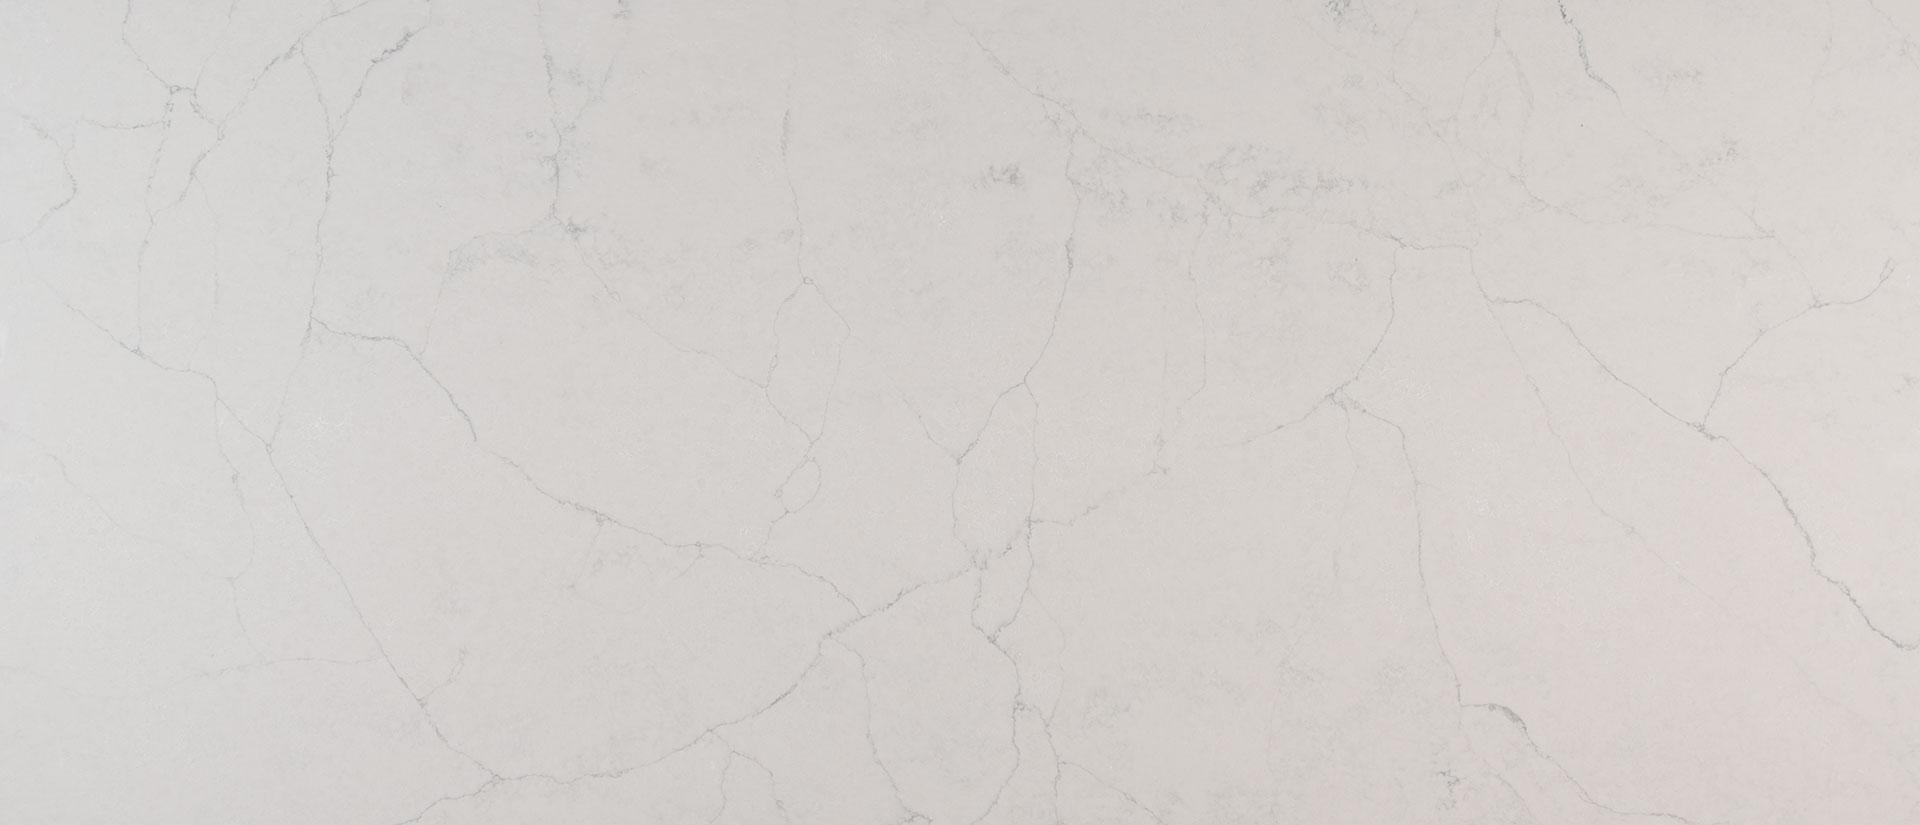 calacatta-monaco-quartz